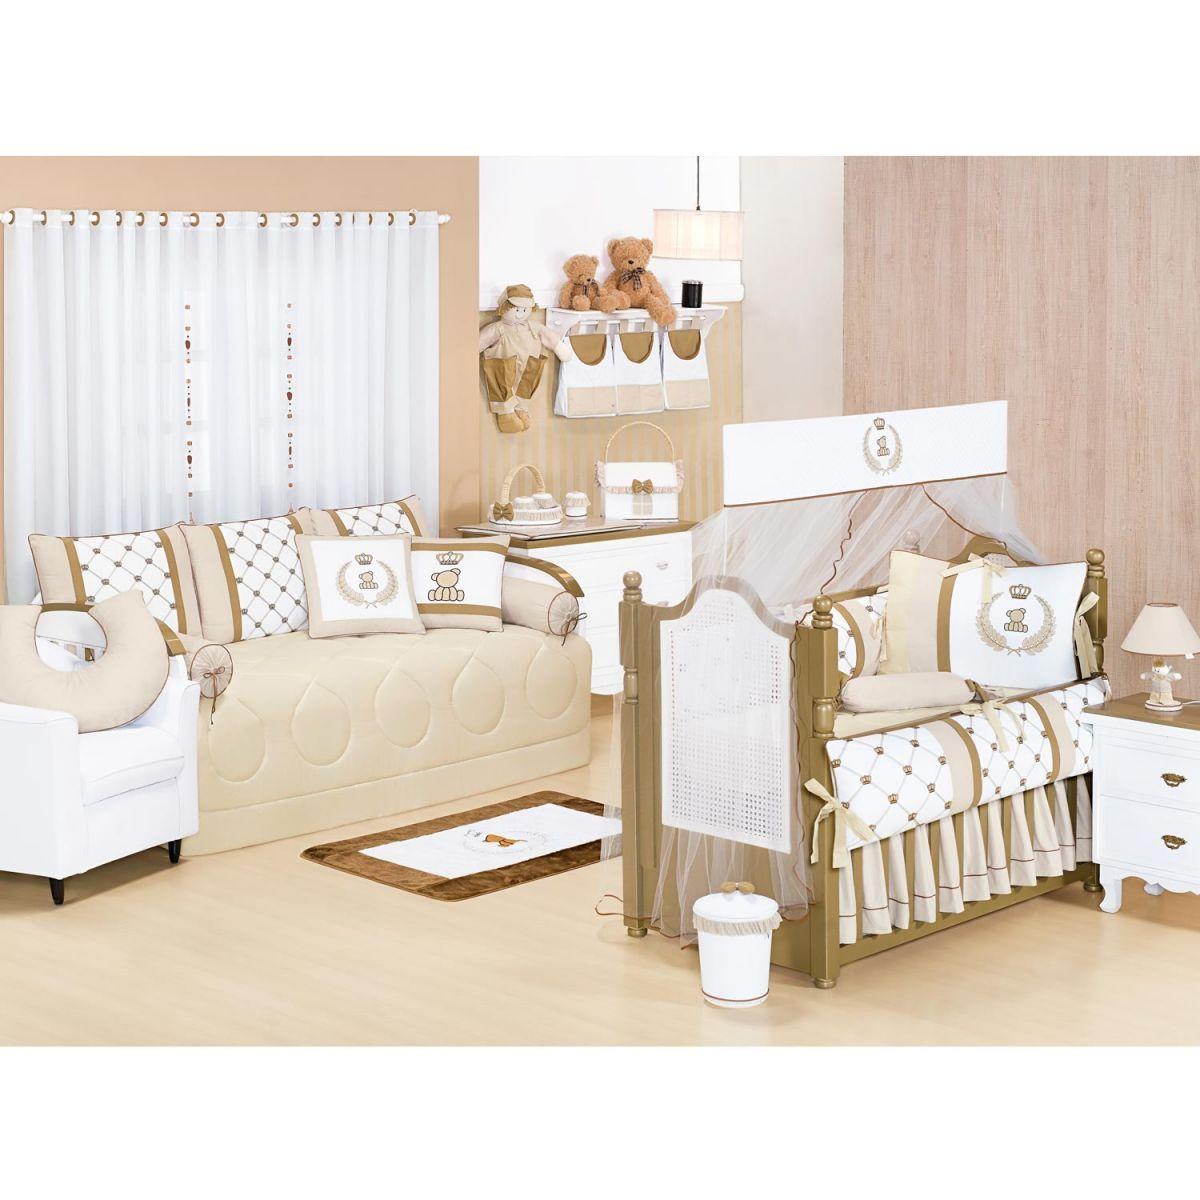 Lixeira Enfeitada p/ Quarto de Bebê - Coleção Classic Palha